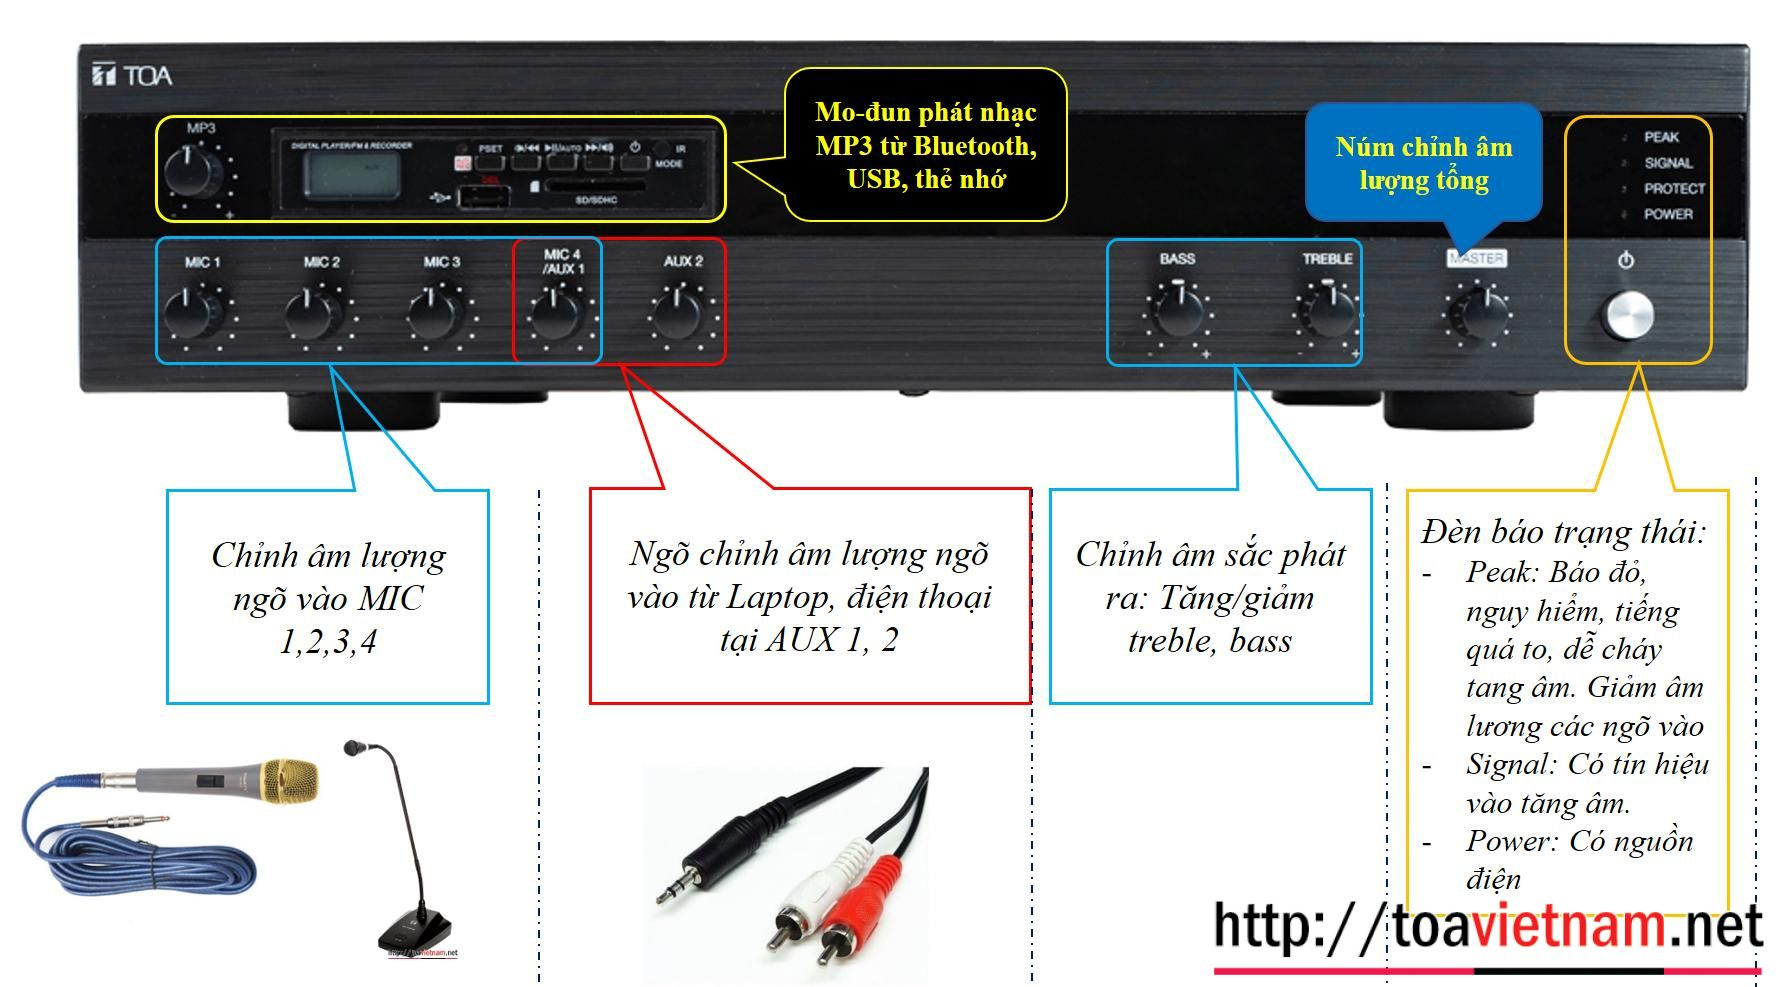 Hướng dẫn sử dụng, lắp đặt tăng âm A-3212DM-AS, A-3224DM-AS, A-3248DM-AS